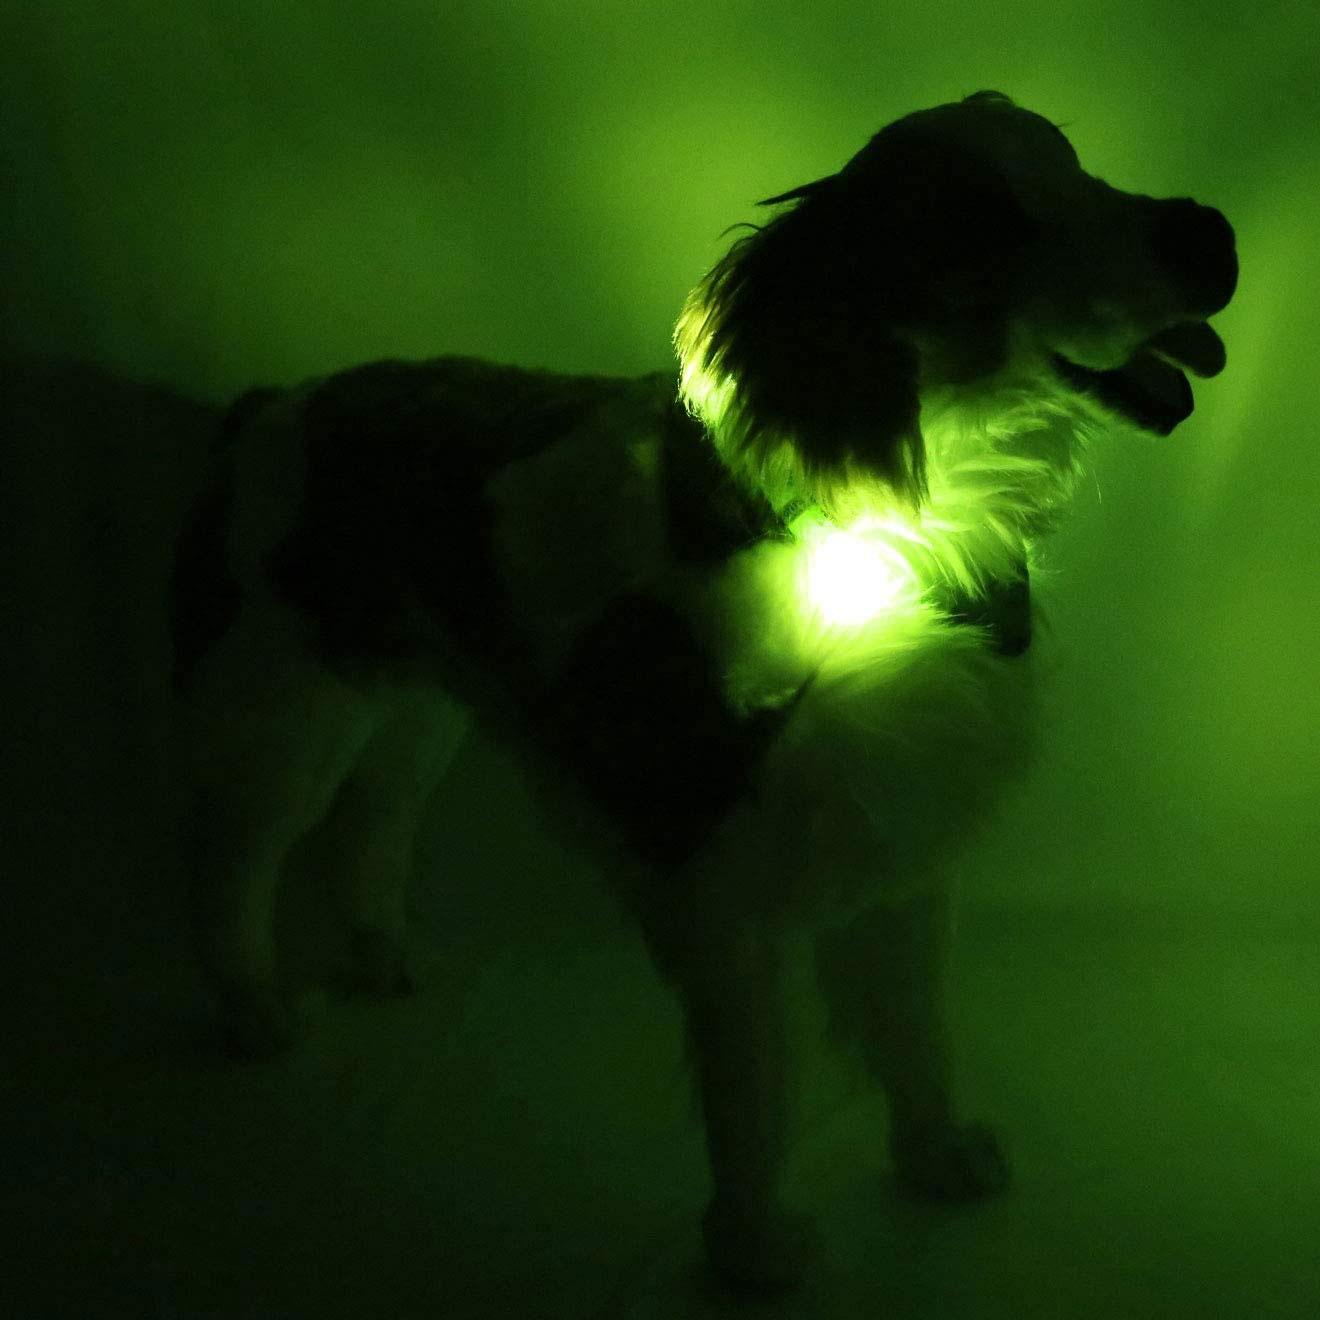 leuchtie-leuchthalsband